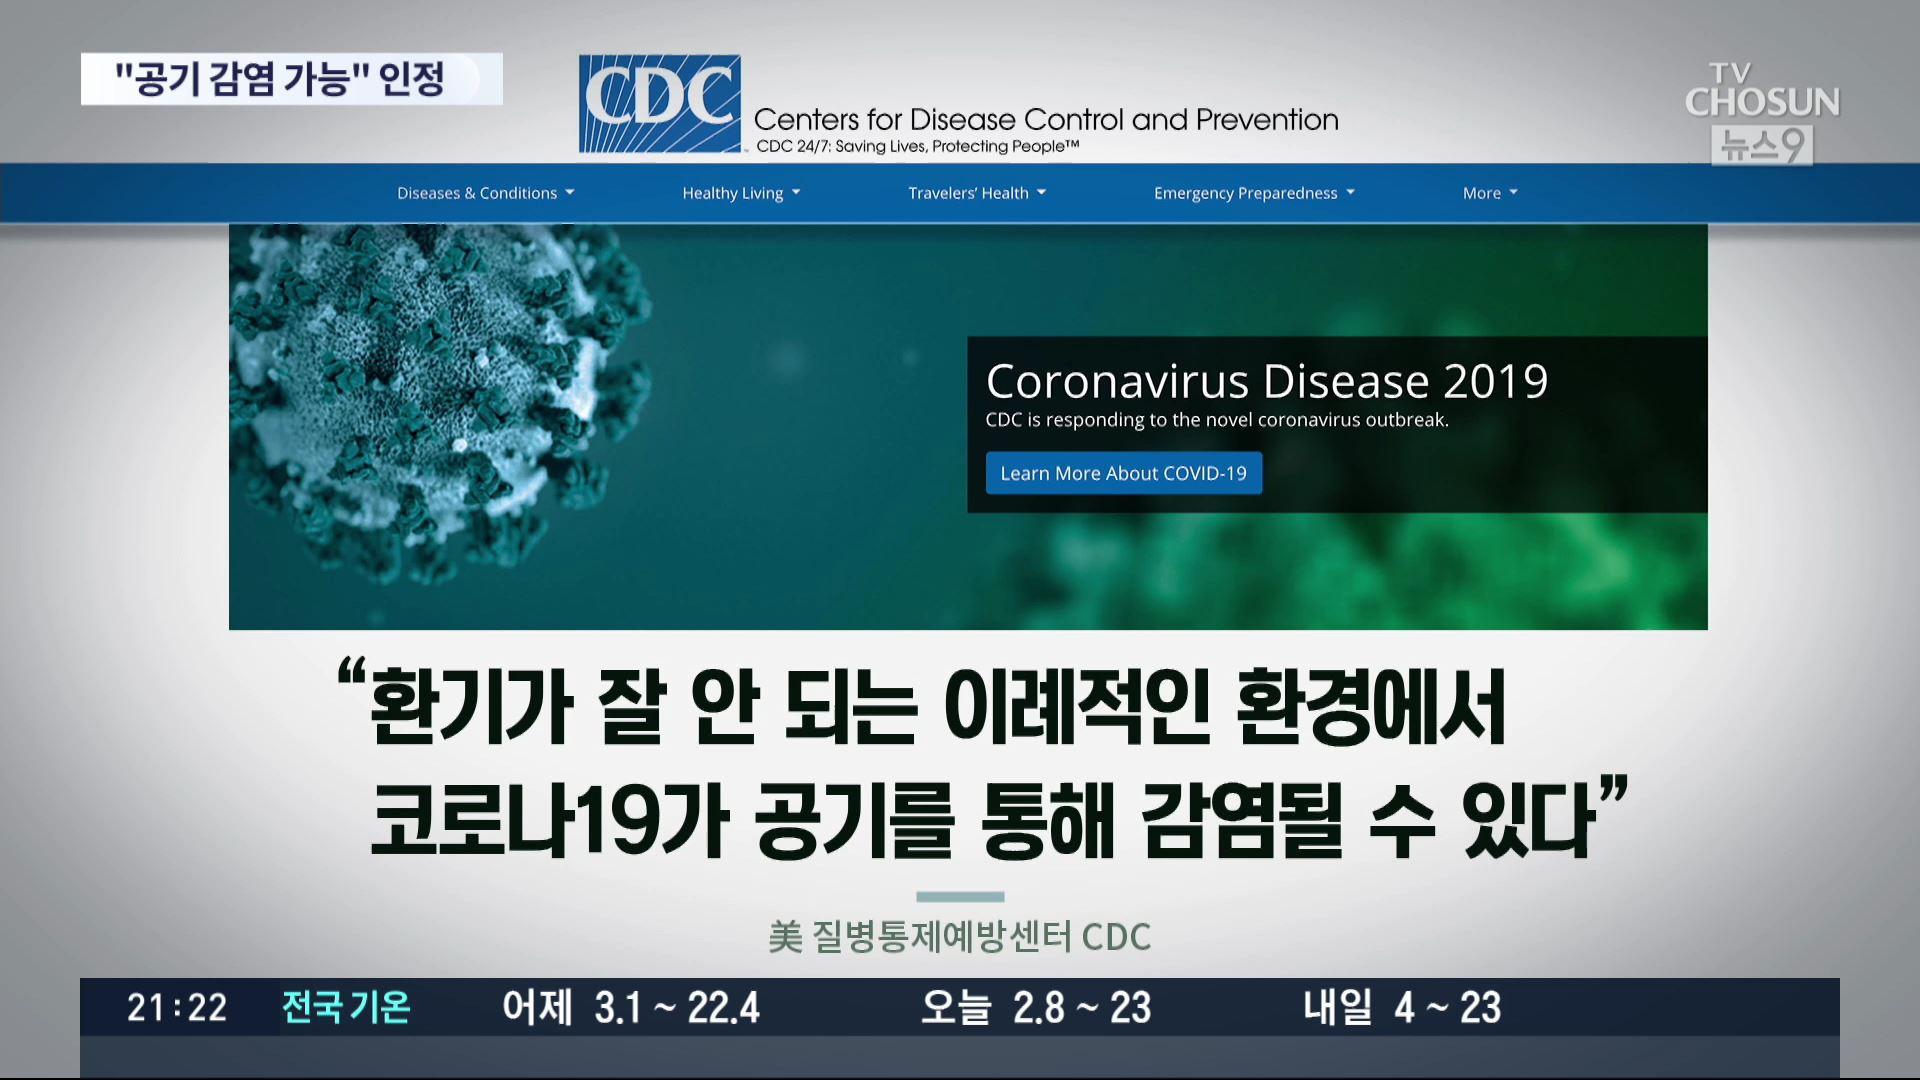 美 '제한적 상황서 공기감염 가능'…확진자 30% 뇌질환 증상